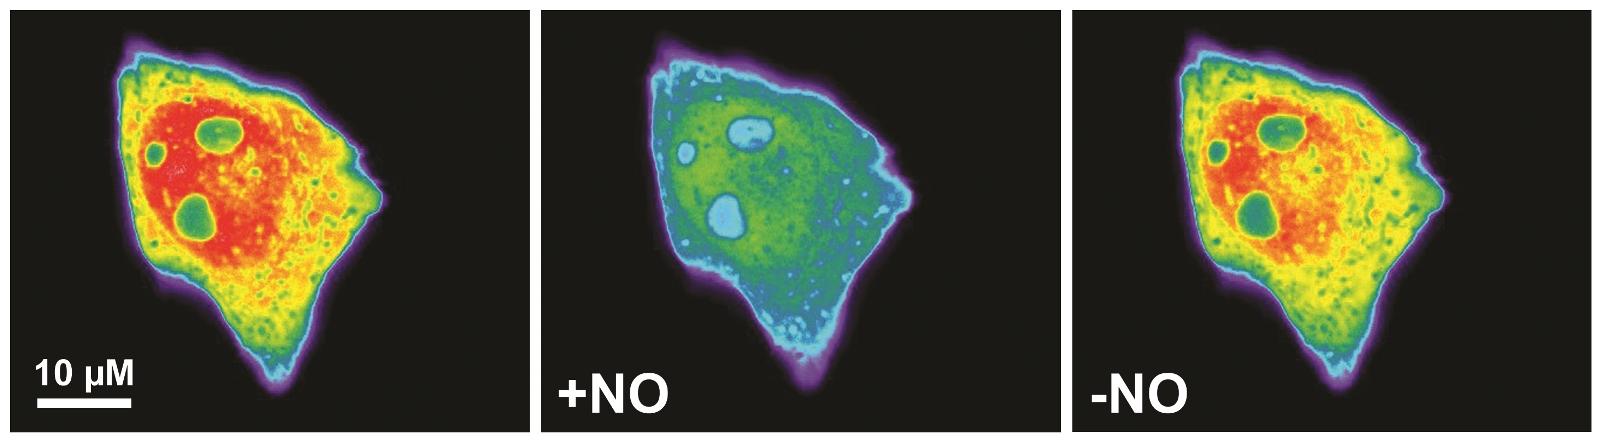 Einleuchtend: Die Verbindung eines NO-Bindungsproteins mit einem natürlich fluoreszierenden Protein ermöglicht es, die Konzentration von Stickstoffmonoxid (NO) in einzelnen menschlichen Zellen zu messen.